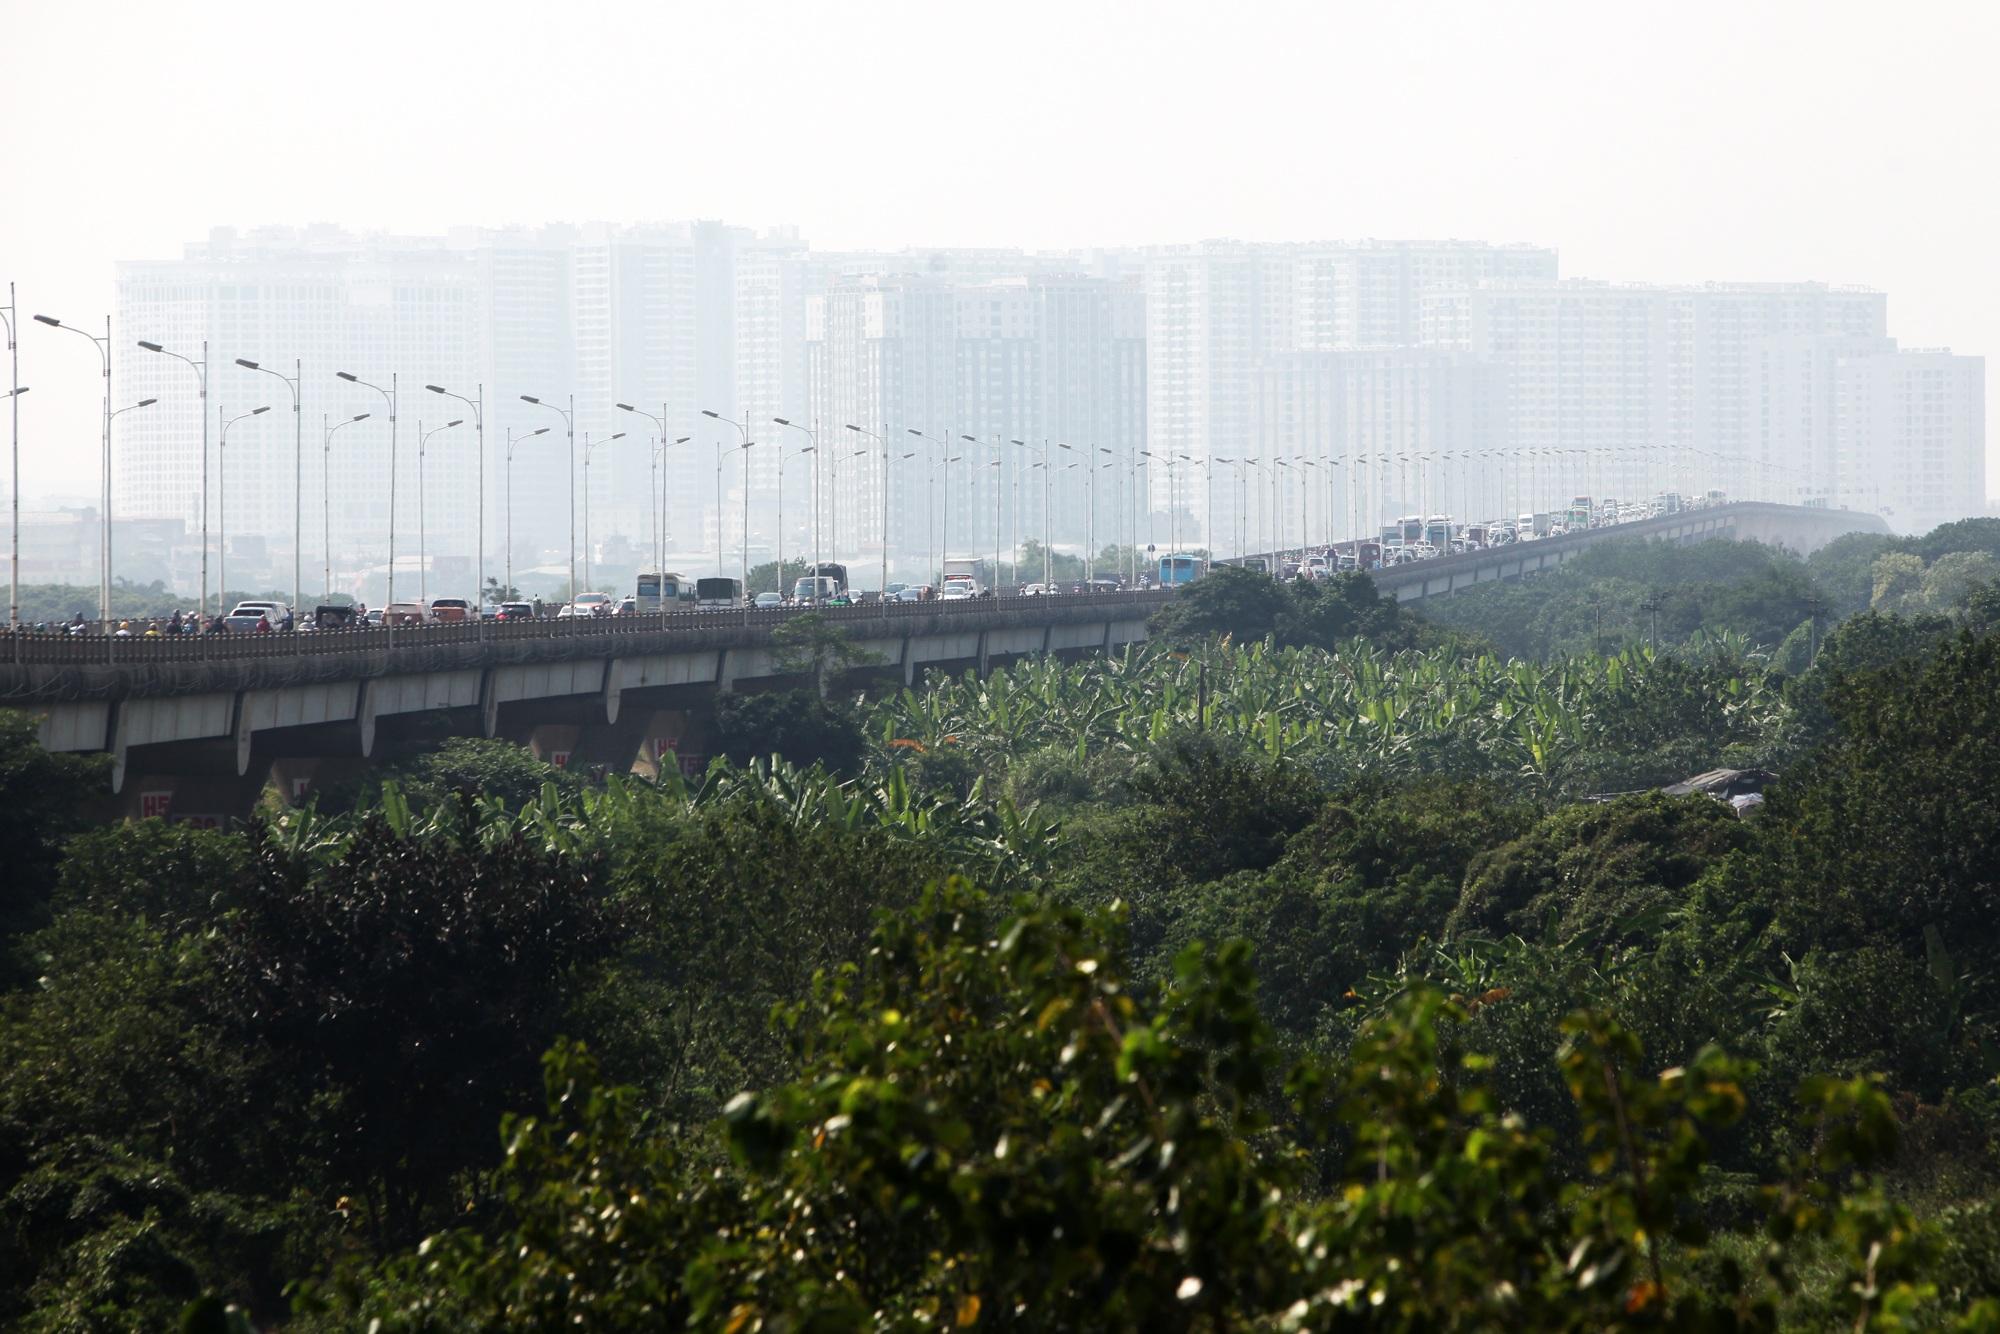 Toàn cảnh 6 cây cầu huyết mạch bắc qua sông Hồng - 17